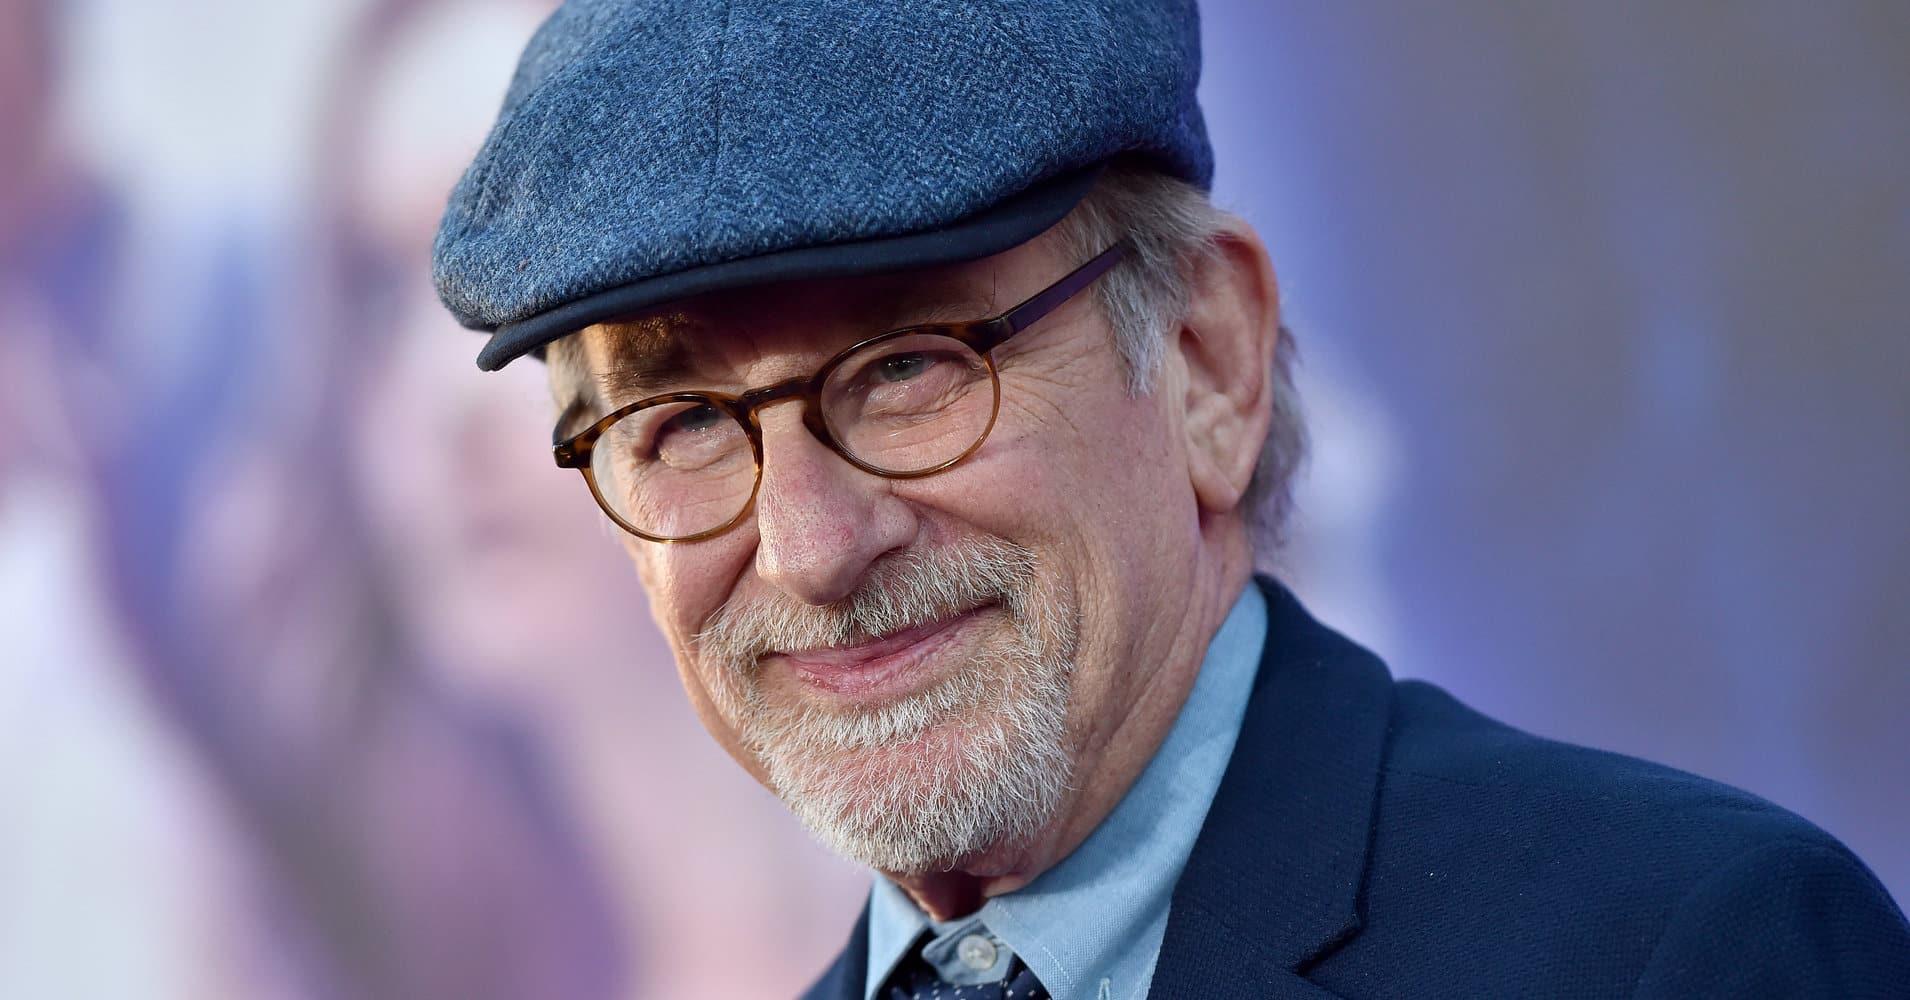 Bude to tak, ako povedal pán majster Spielberg?